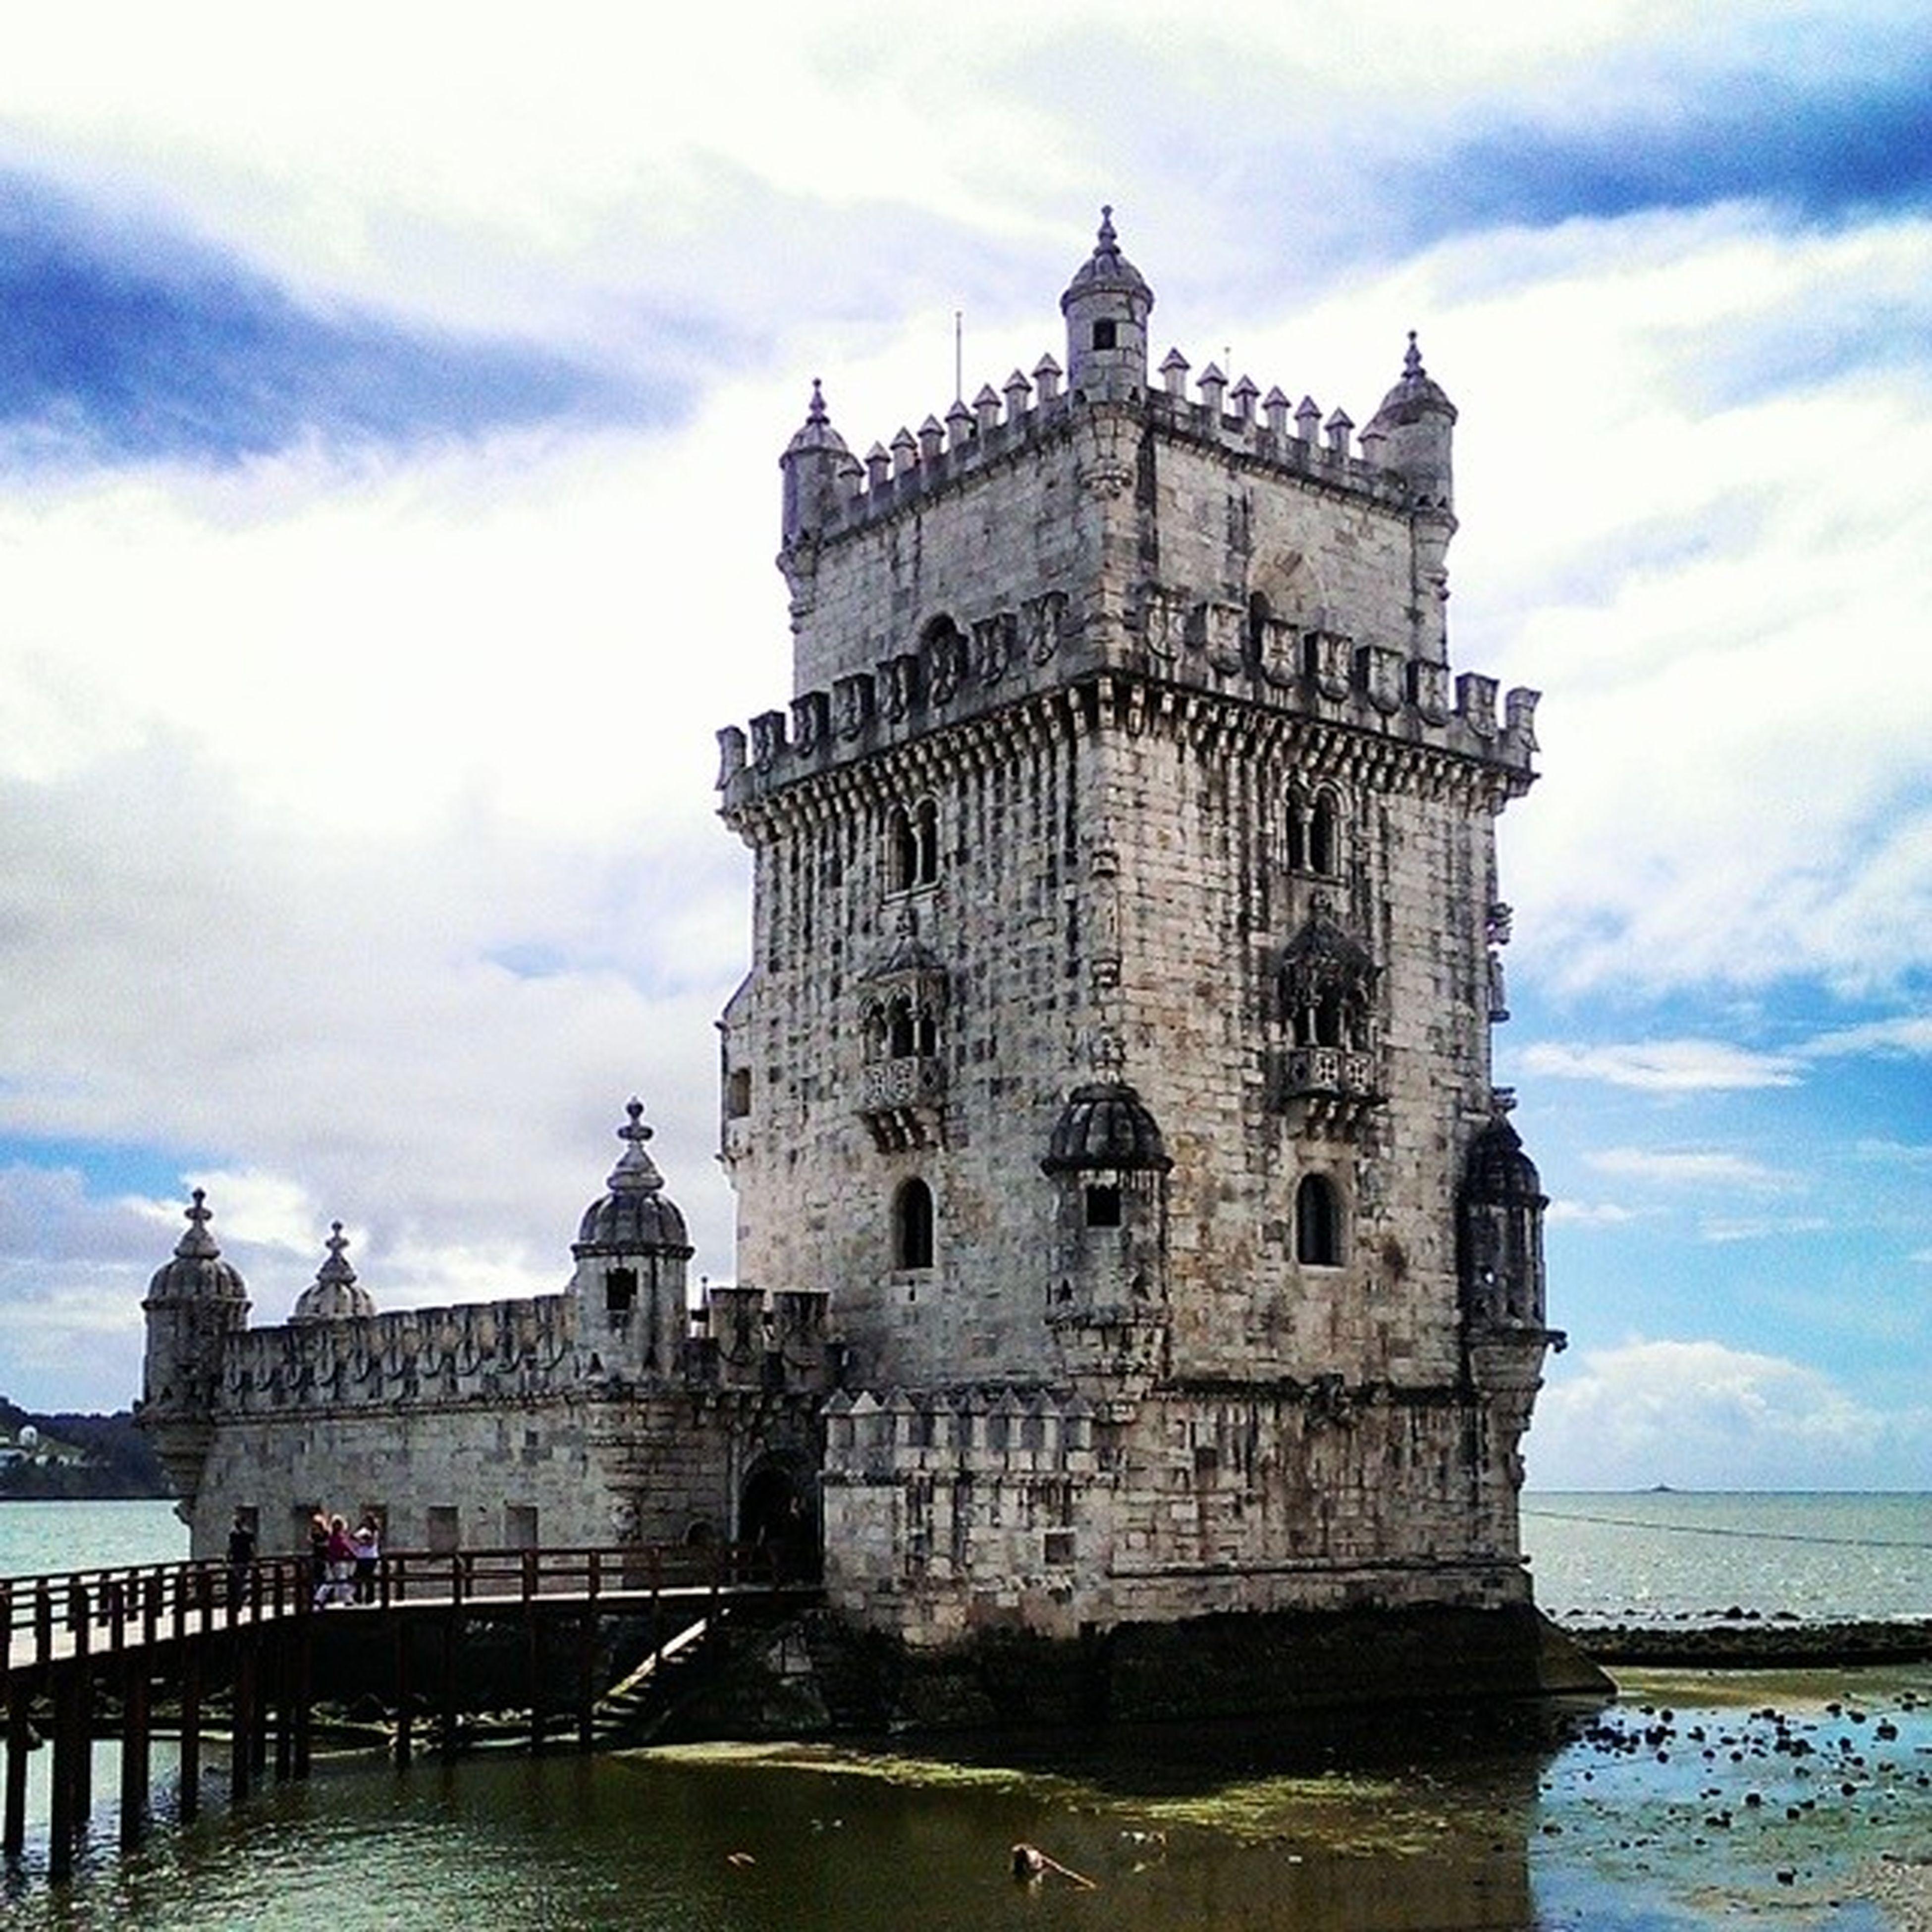 Belém Tower Torre_de_Belém St_Vincent Military Fortified Santa Maria De_Belém Lisbon Portugal Unesco World Heritage Site Tagus River Maritime Medieval Lookout Protection Architecture Design History Tourist Travel Photography